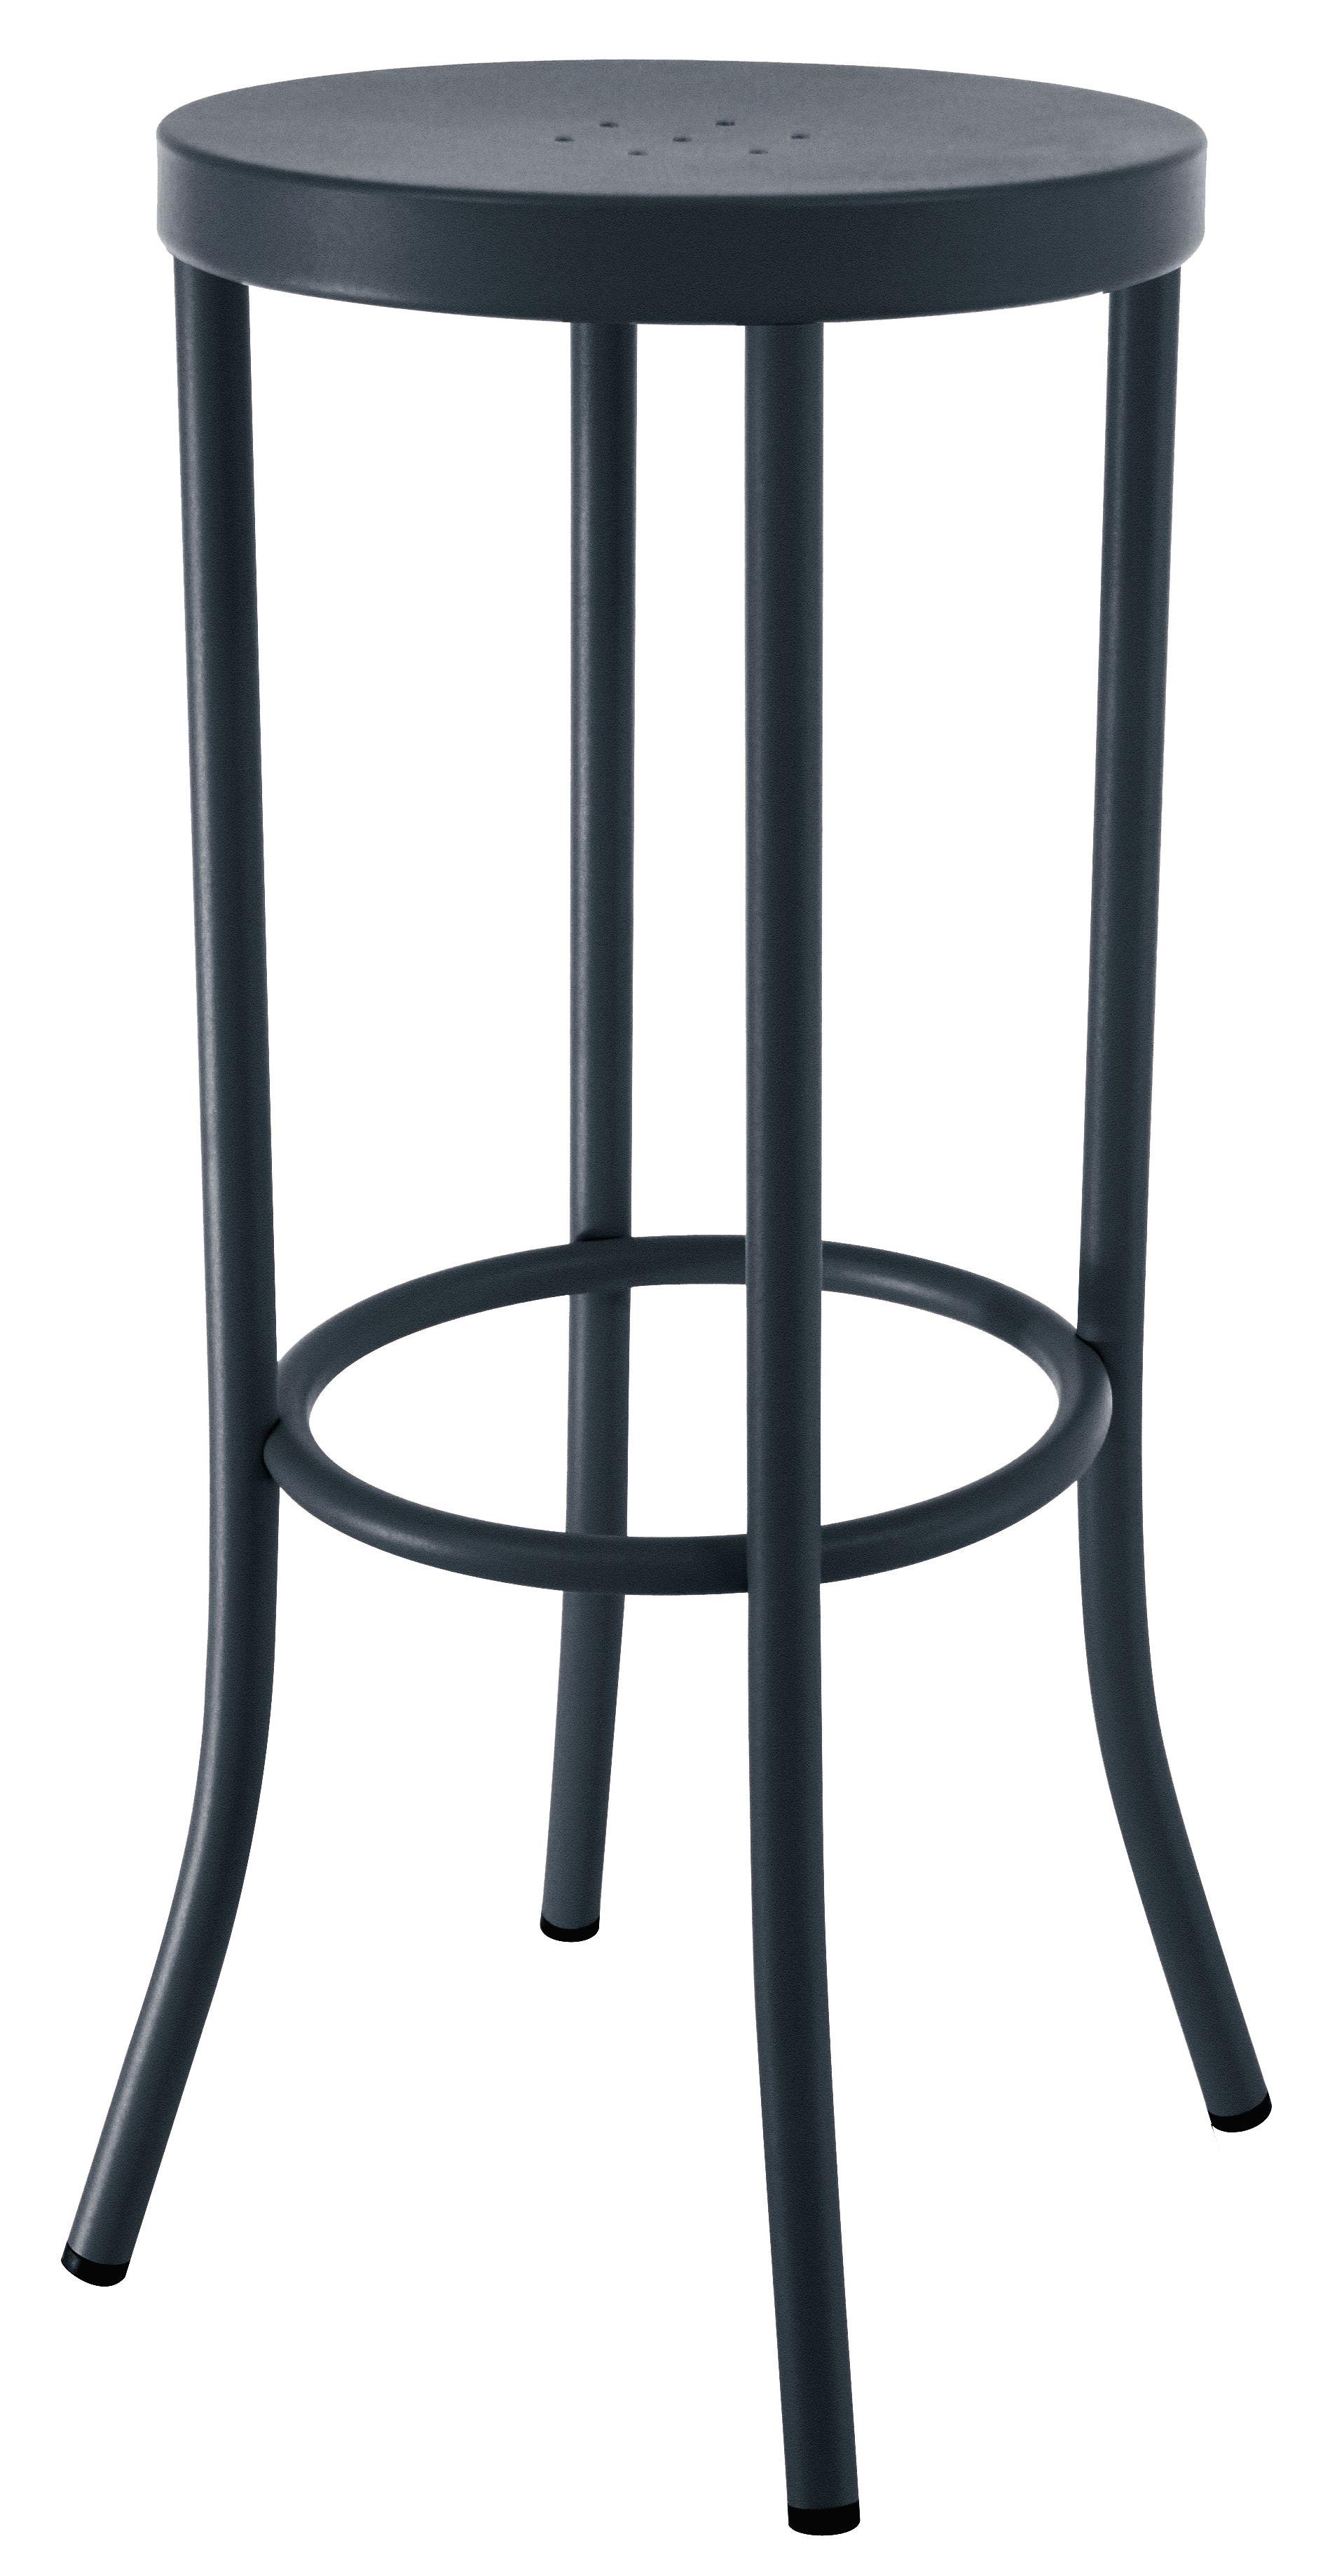 tabouret de bar ds n 1 h 80 cm acier peint gris anthracite souvignet design. Black Bedroom Furniture Sets. Home Design Ideas